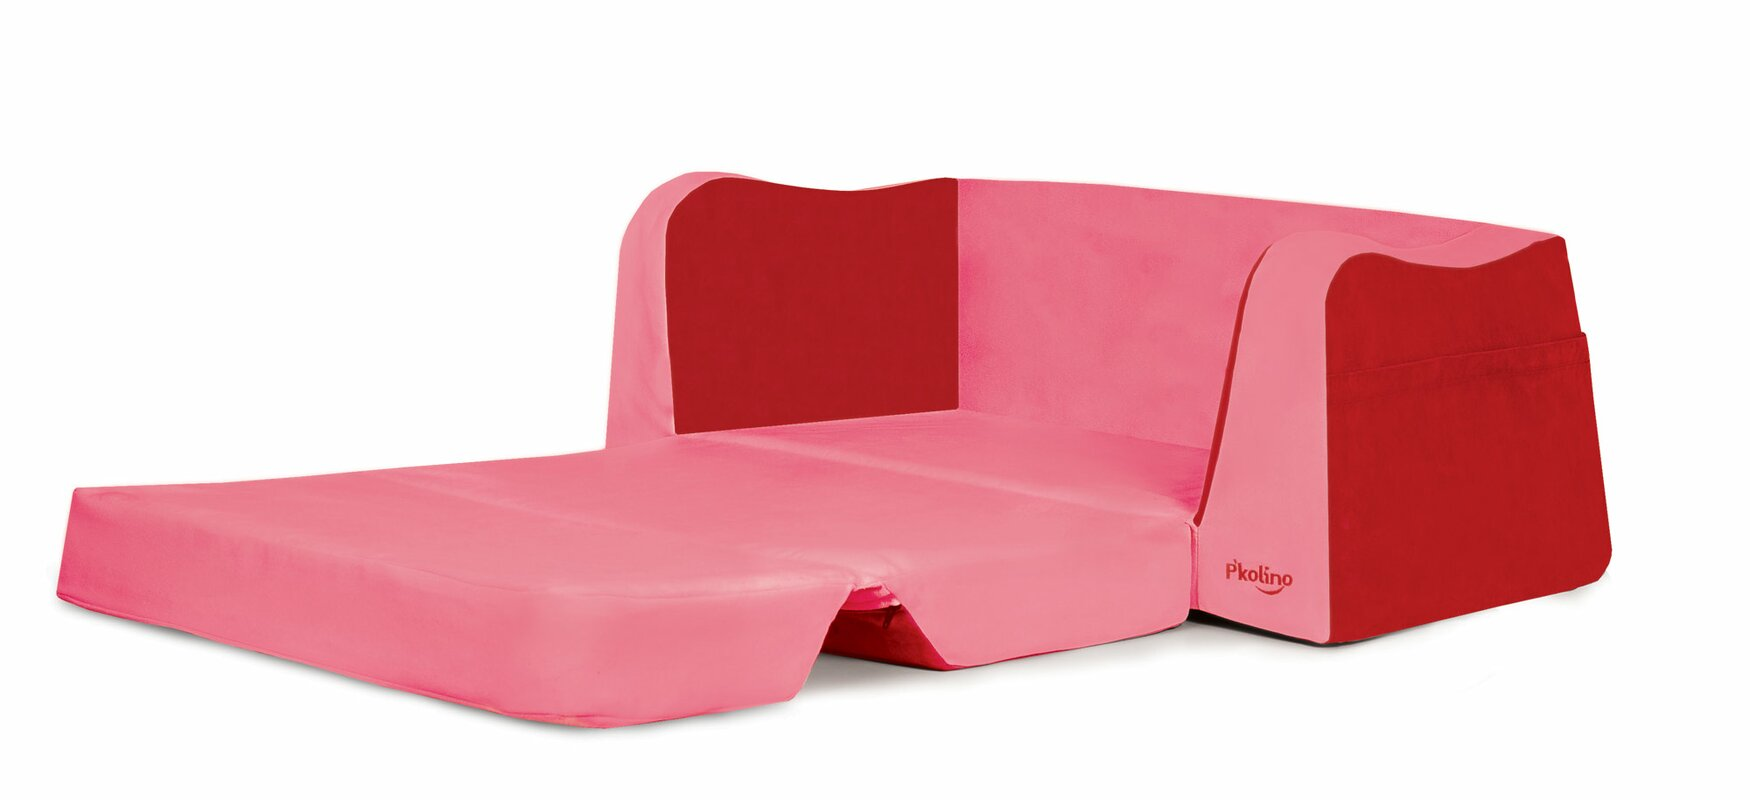 Toddler Sofa P Kolino Little Reader Toddler Foam Lounge